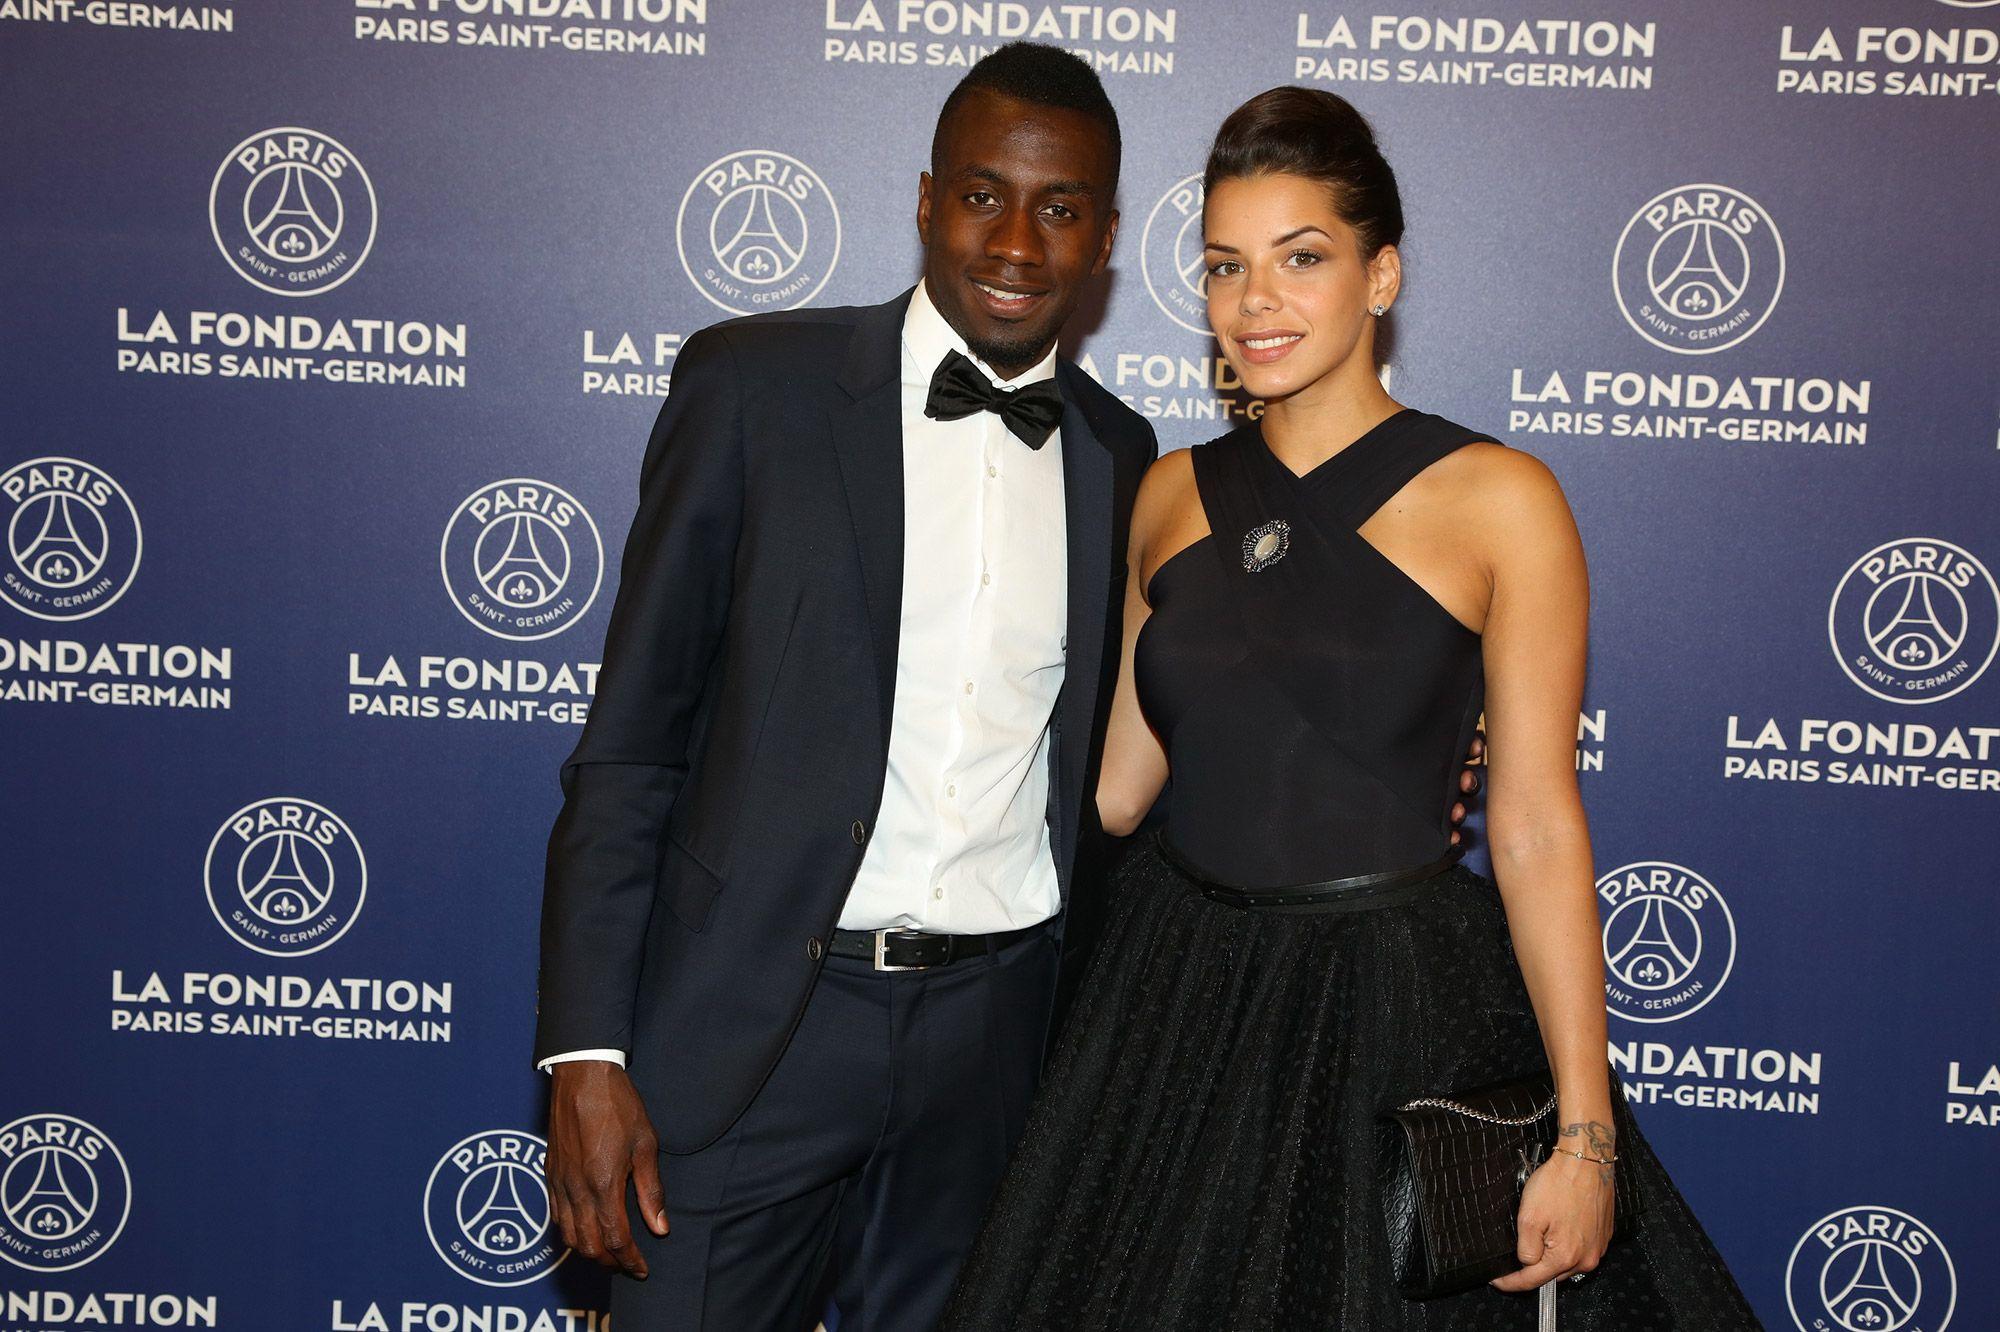 Le mariage romantique du footballeur Blaise Matuidi